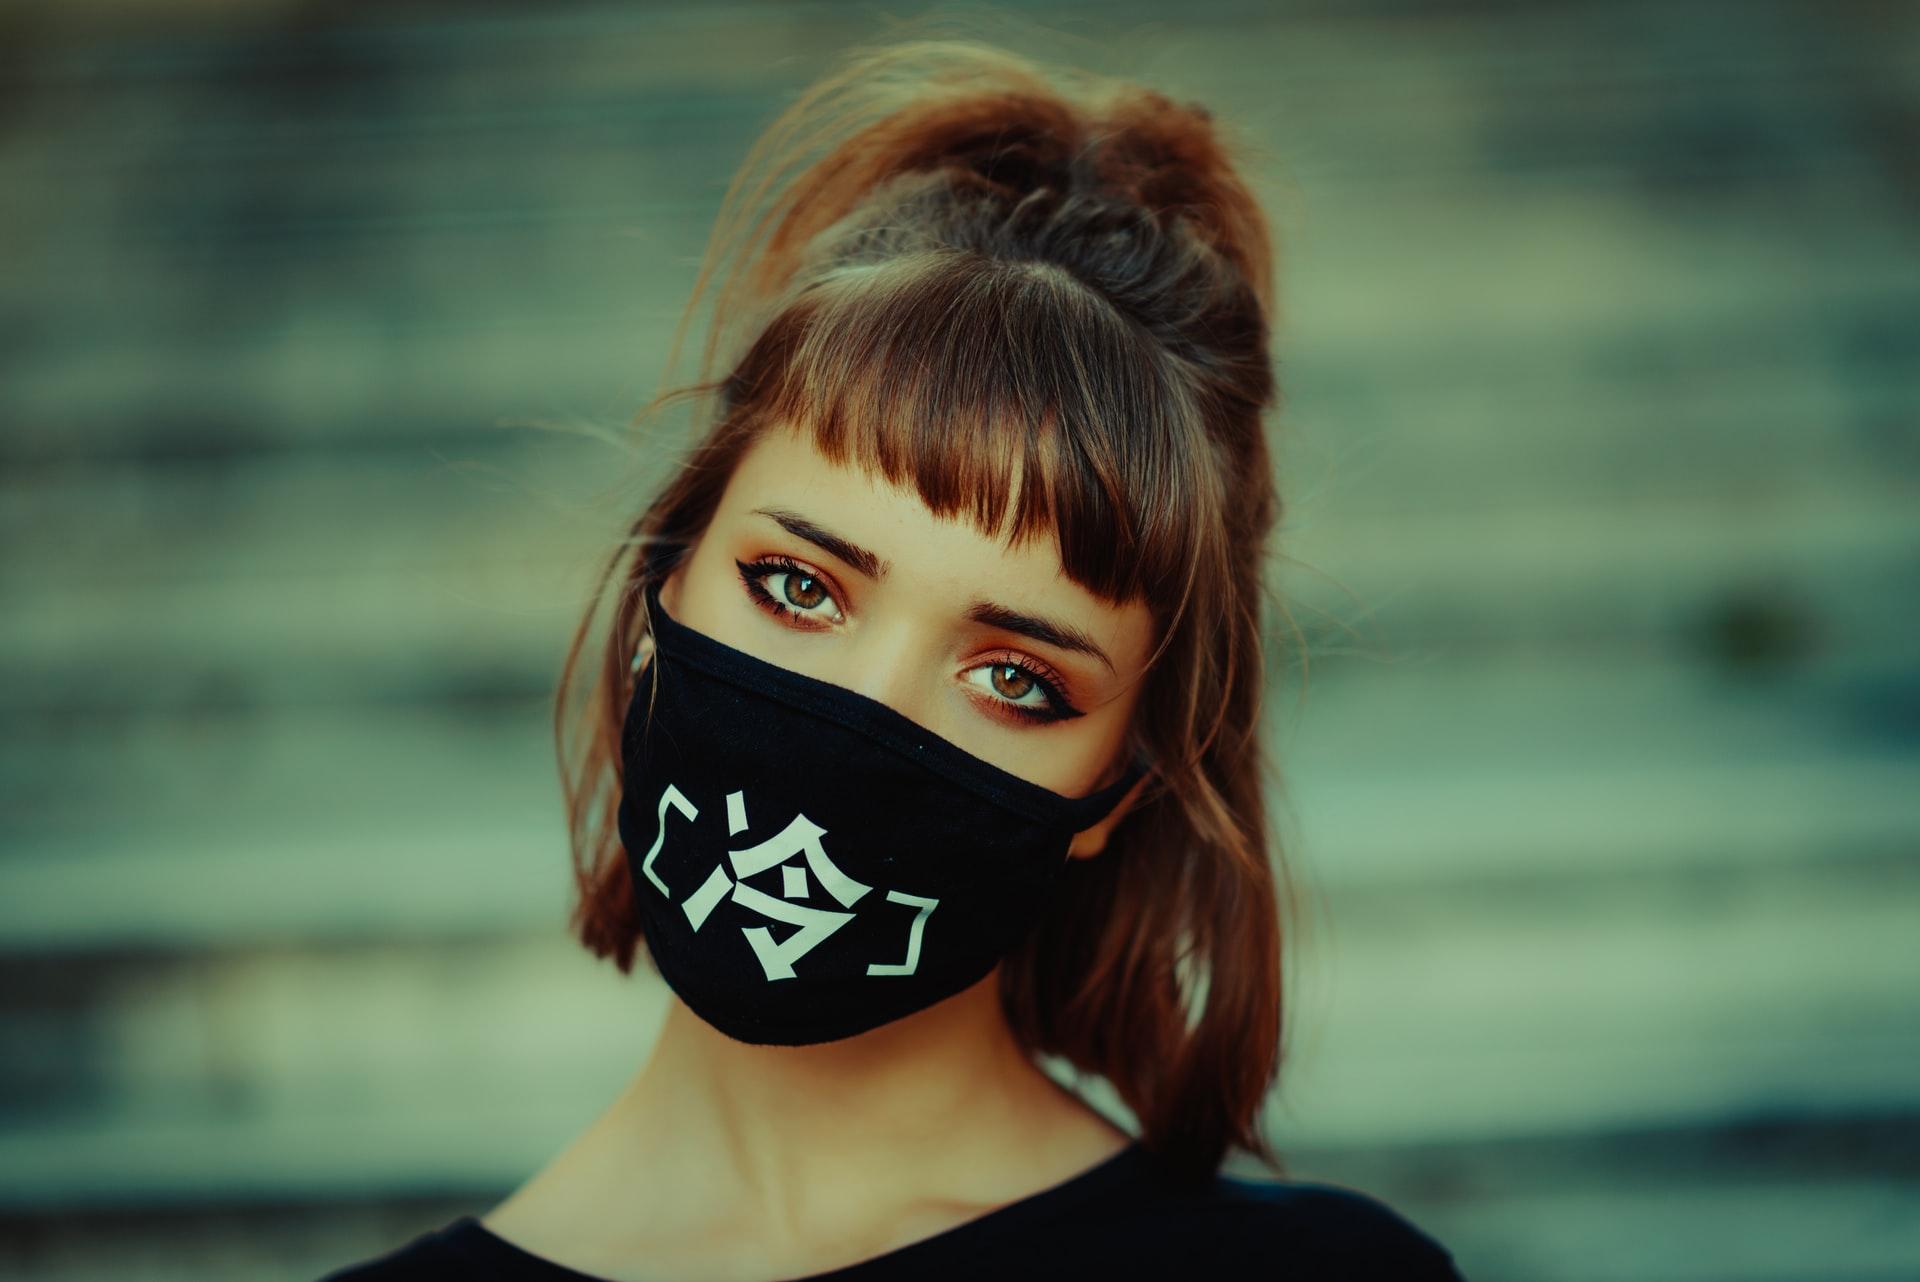 Spanische Virologin Margarita del Val sagt wir müssen solange die Maske tragen bis wir uns daran gewöhnt haben